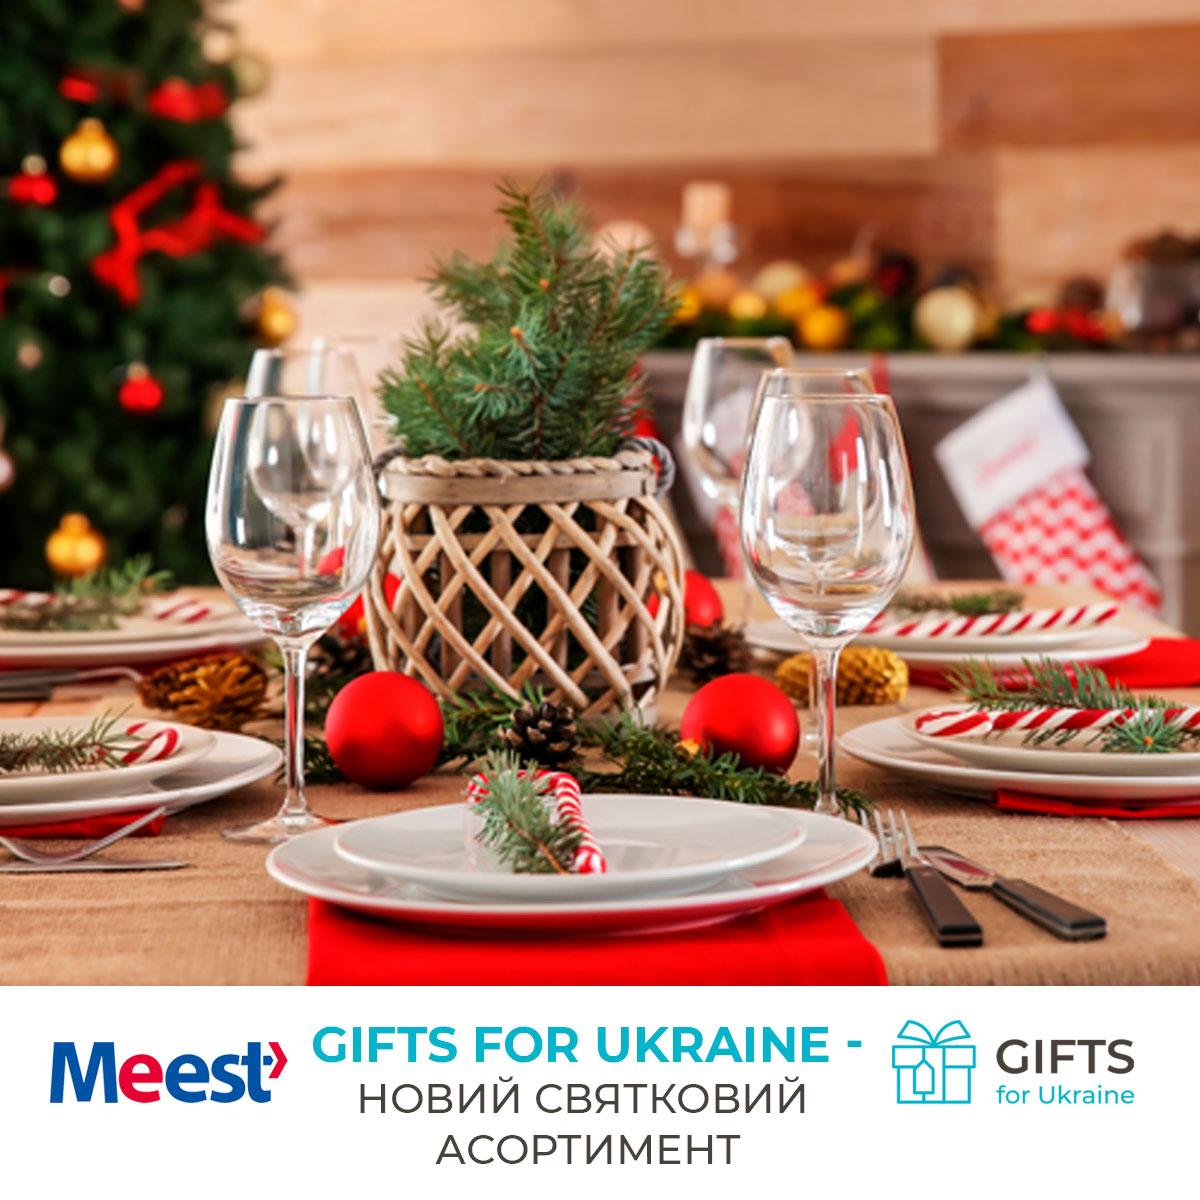 Meest - Gifts For Ukraine